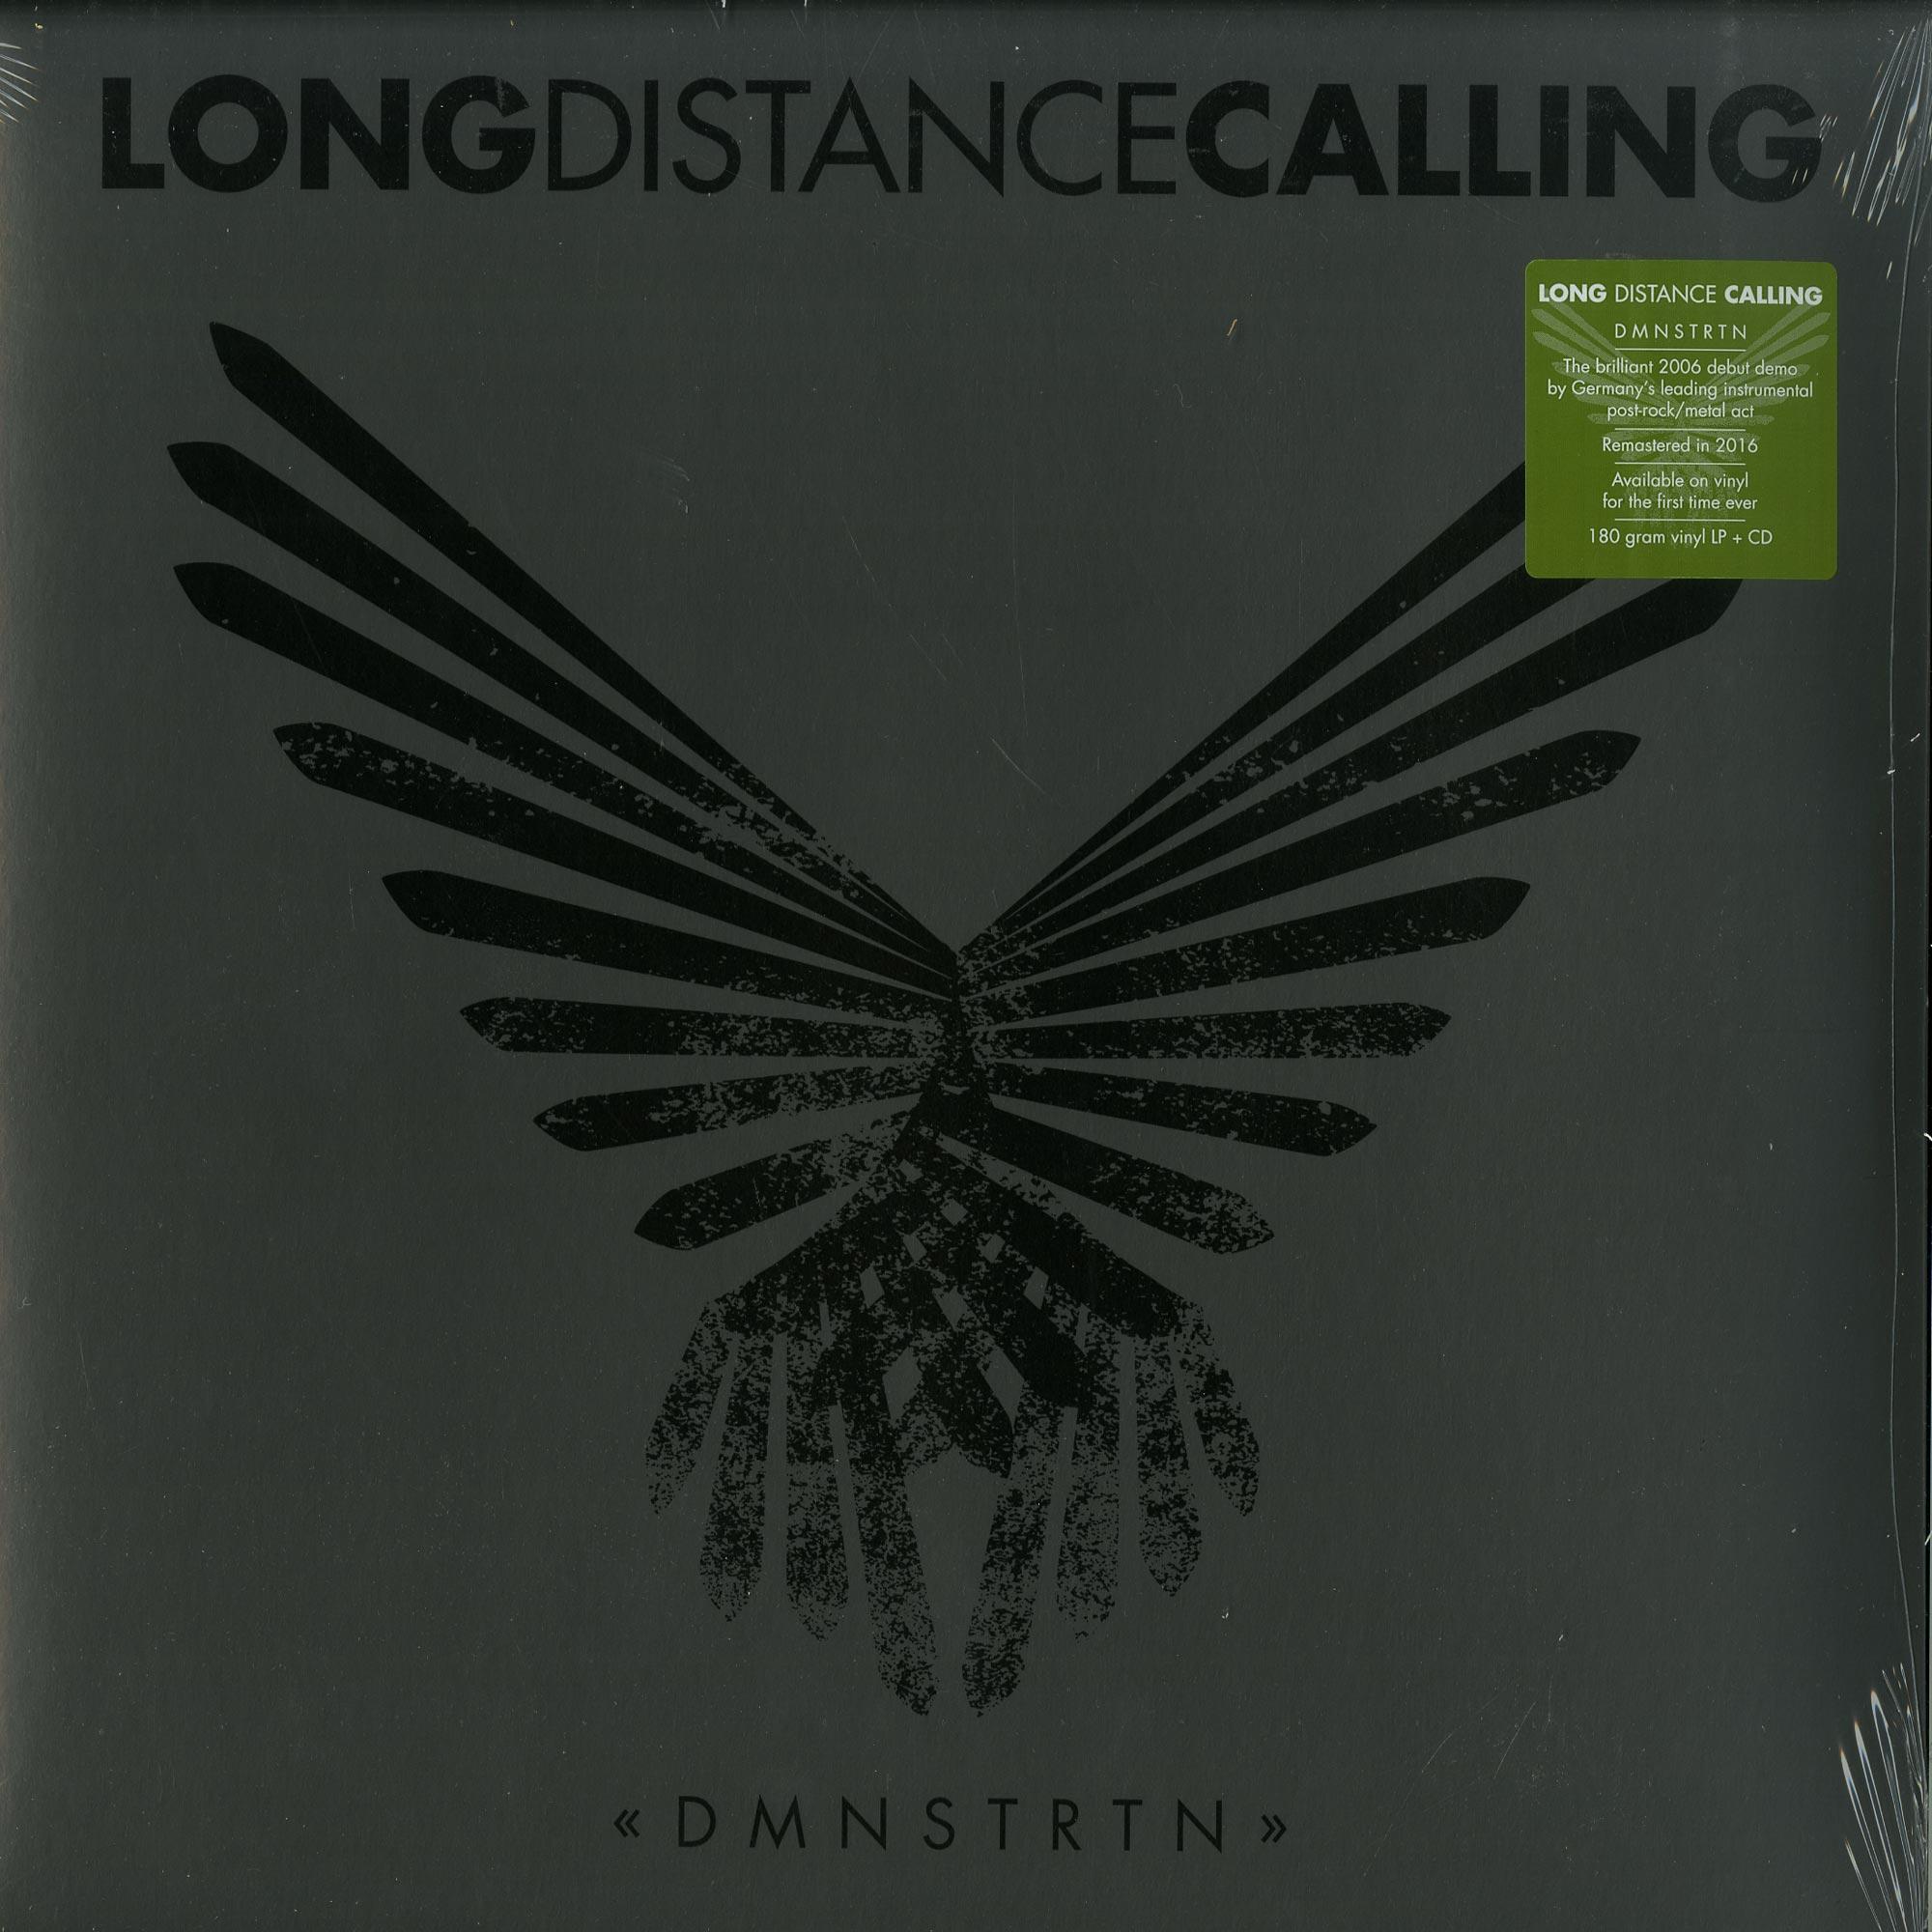 Long Distance Calling - DMNSTRTN